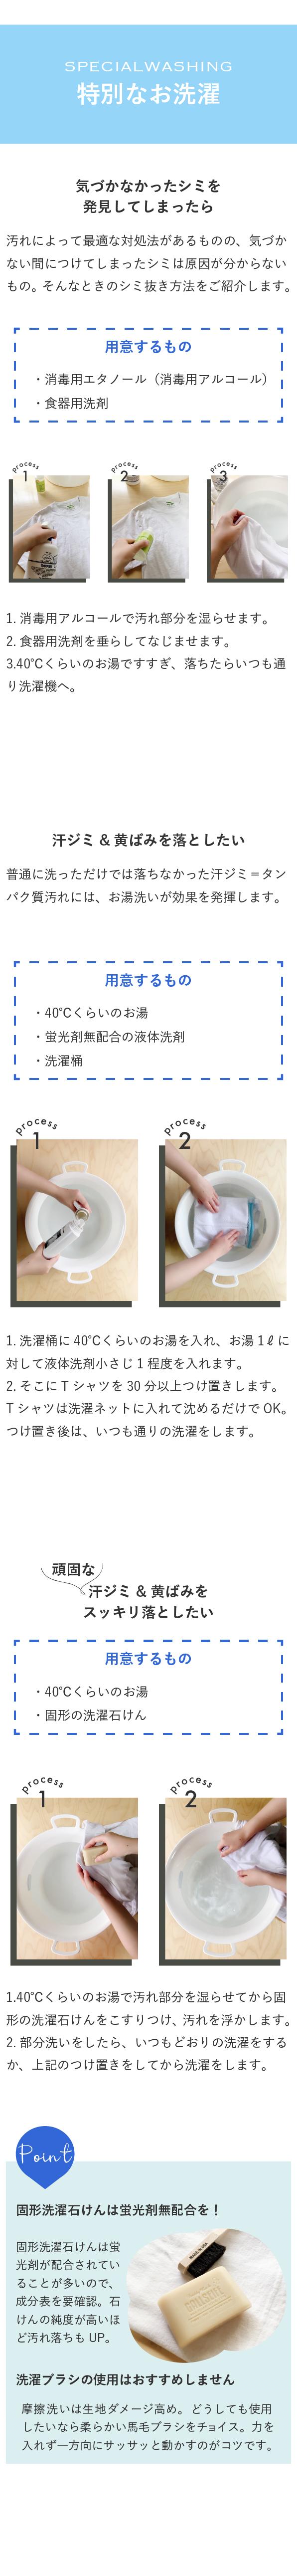 0803洗濯06-596